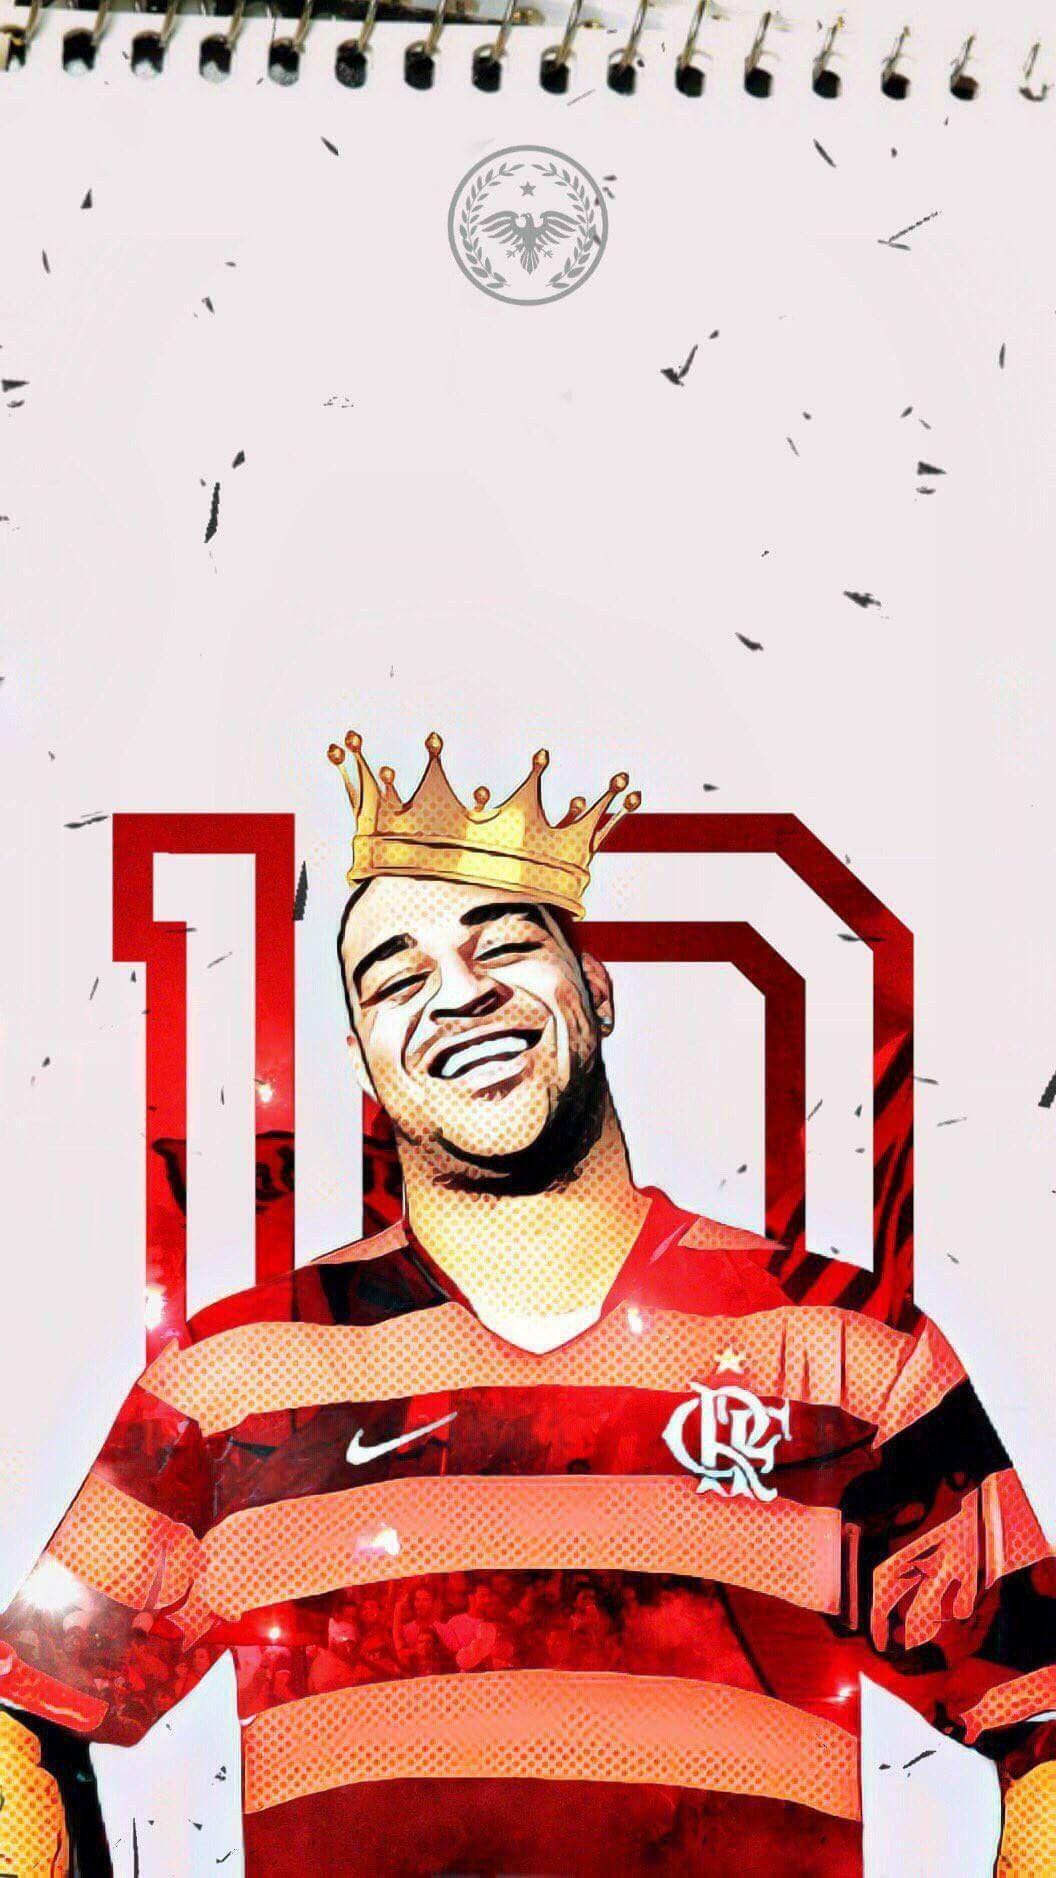 7d8414f2ee Times De Futebol · ADRIANO IMPERADOR! ⚫ Por 1895Edits (@1895edits) |  Twitter. Uma Vez Flamengo